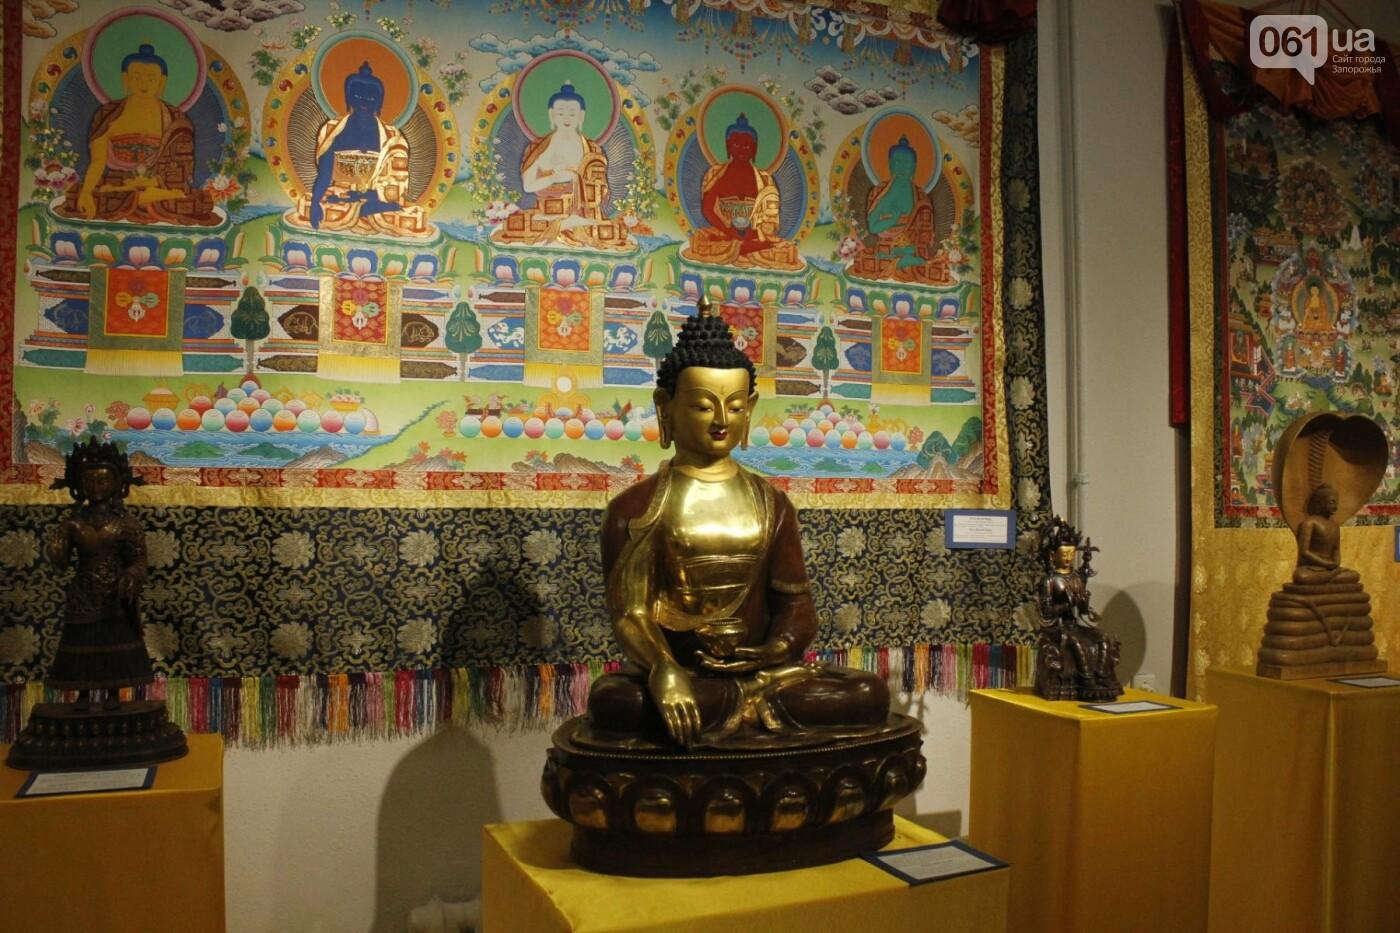 """В Запорожье выставка """"Сокровища Тибета"""" открыла Дни буддийской культуры, - ФОТОРЕПОРТАЖ, фото-18"""